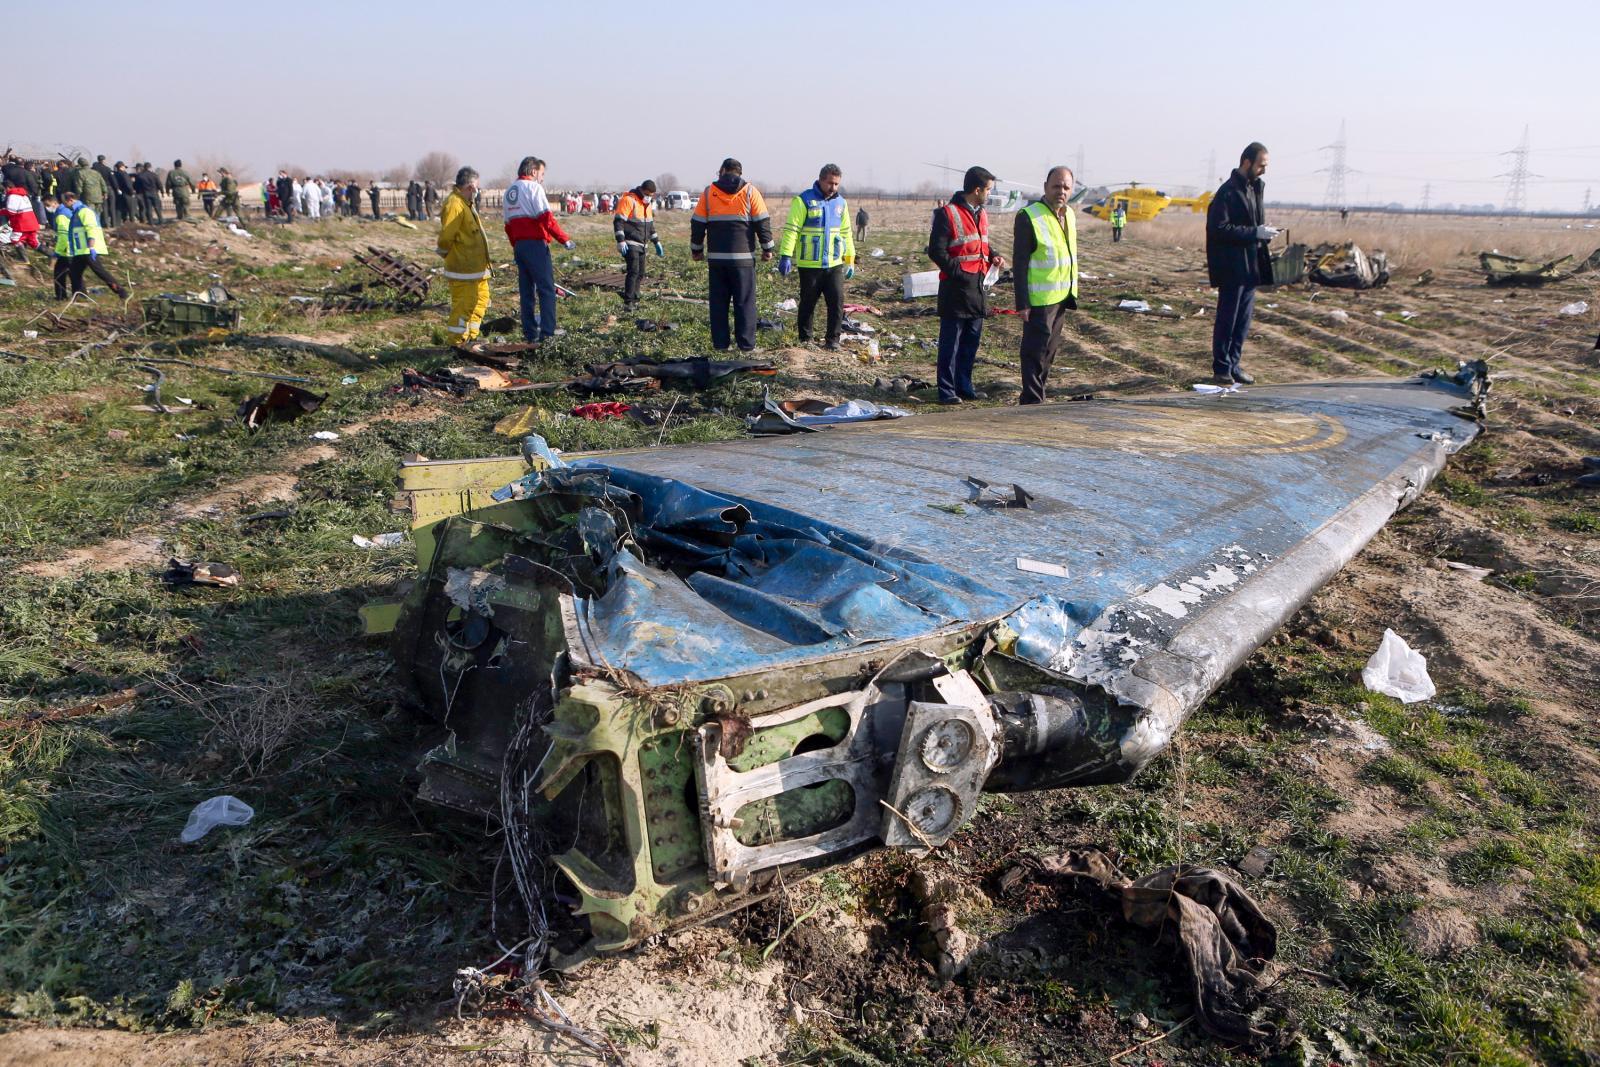 อิหร่านยอมรับยิงเครื่องบินยูเครนตกจริง แต่ไม่ตั้งใจ